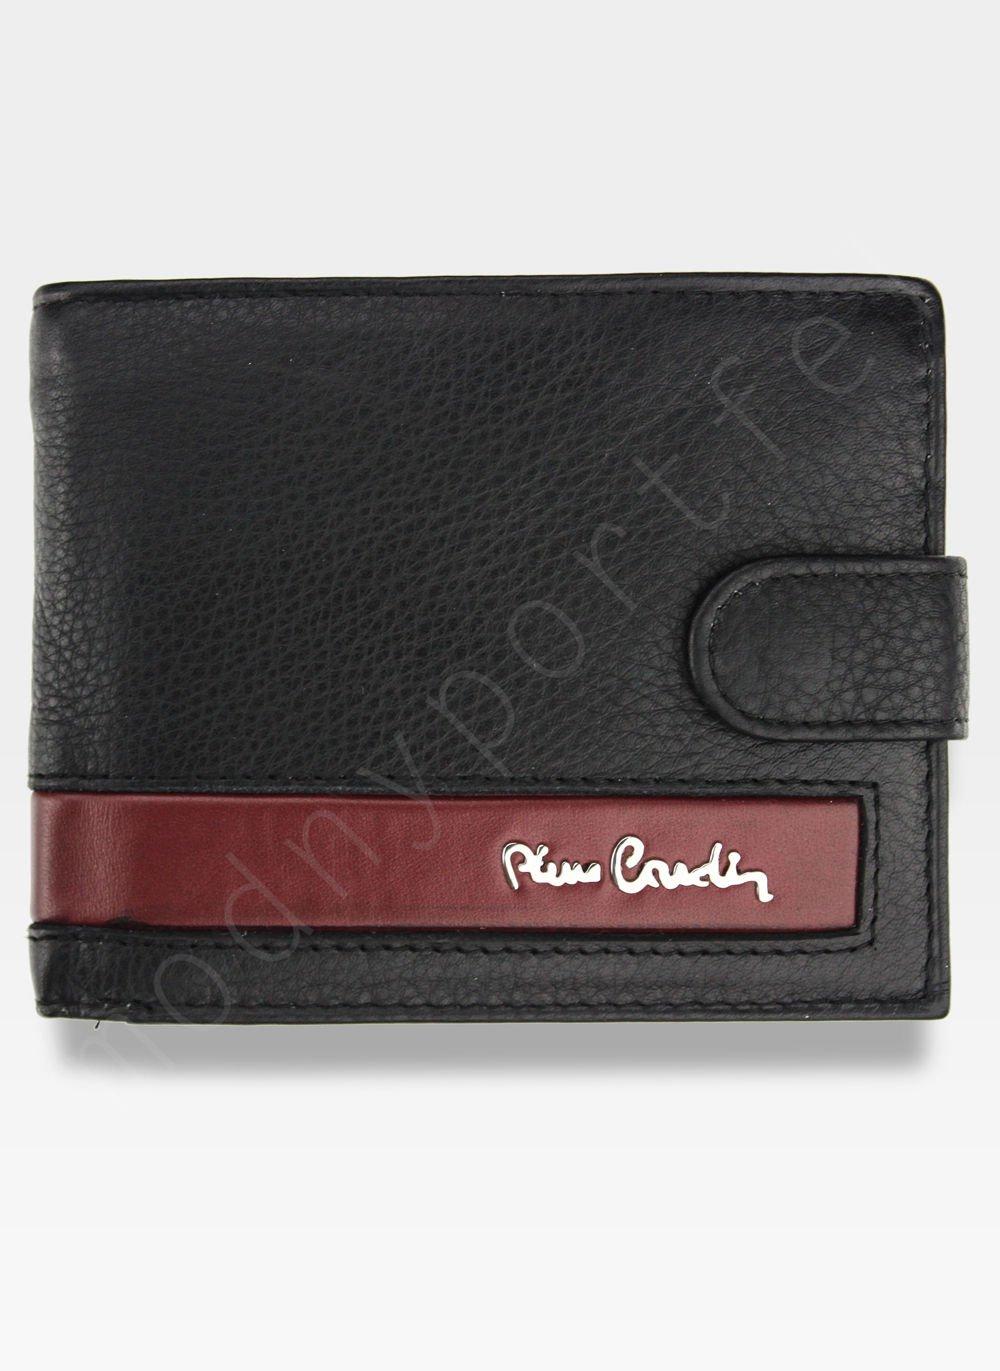 123a11b42fefc Dobry portfel męski Gentleman Pierre Cardin Tilak26 324A RFID Kliknij, aby  powiększyć ...